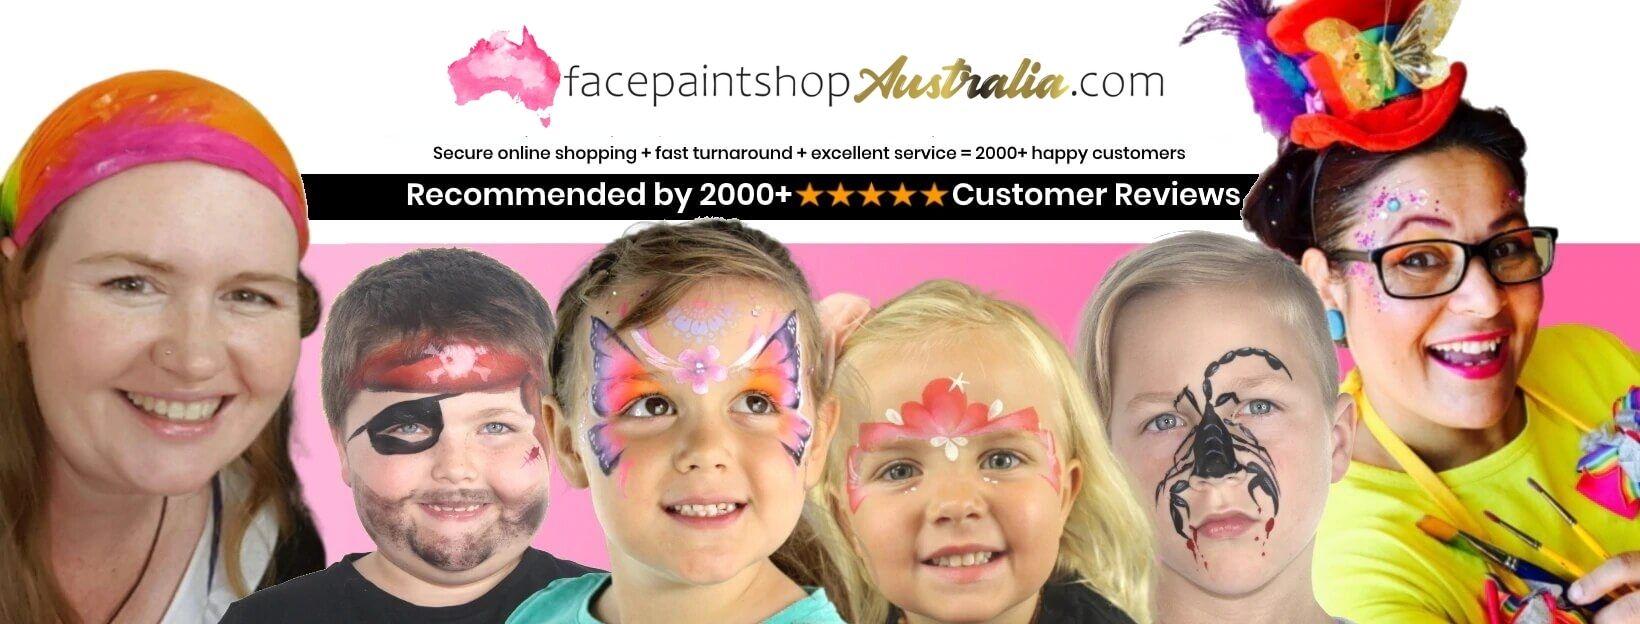 face paint shop australia home page banner